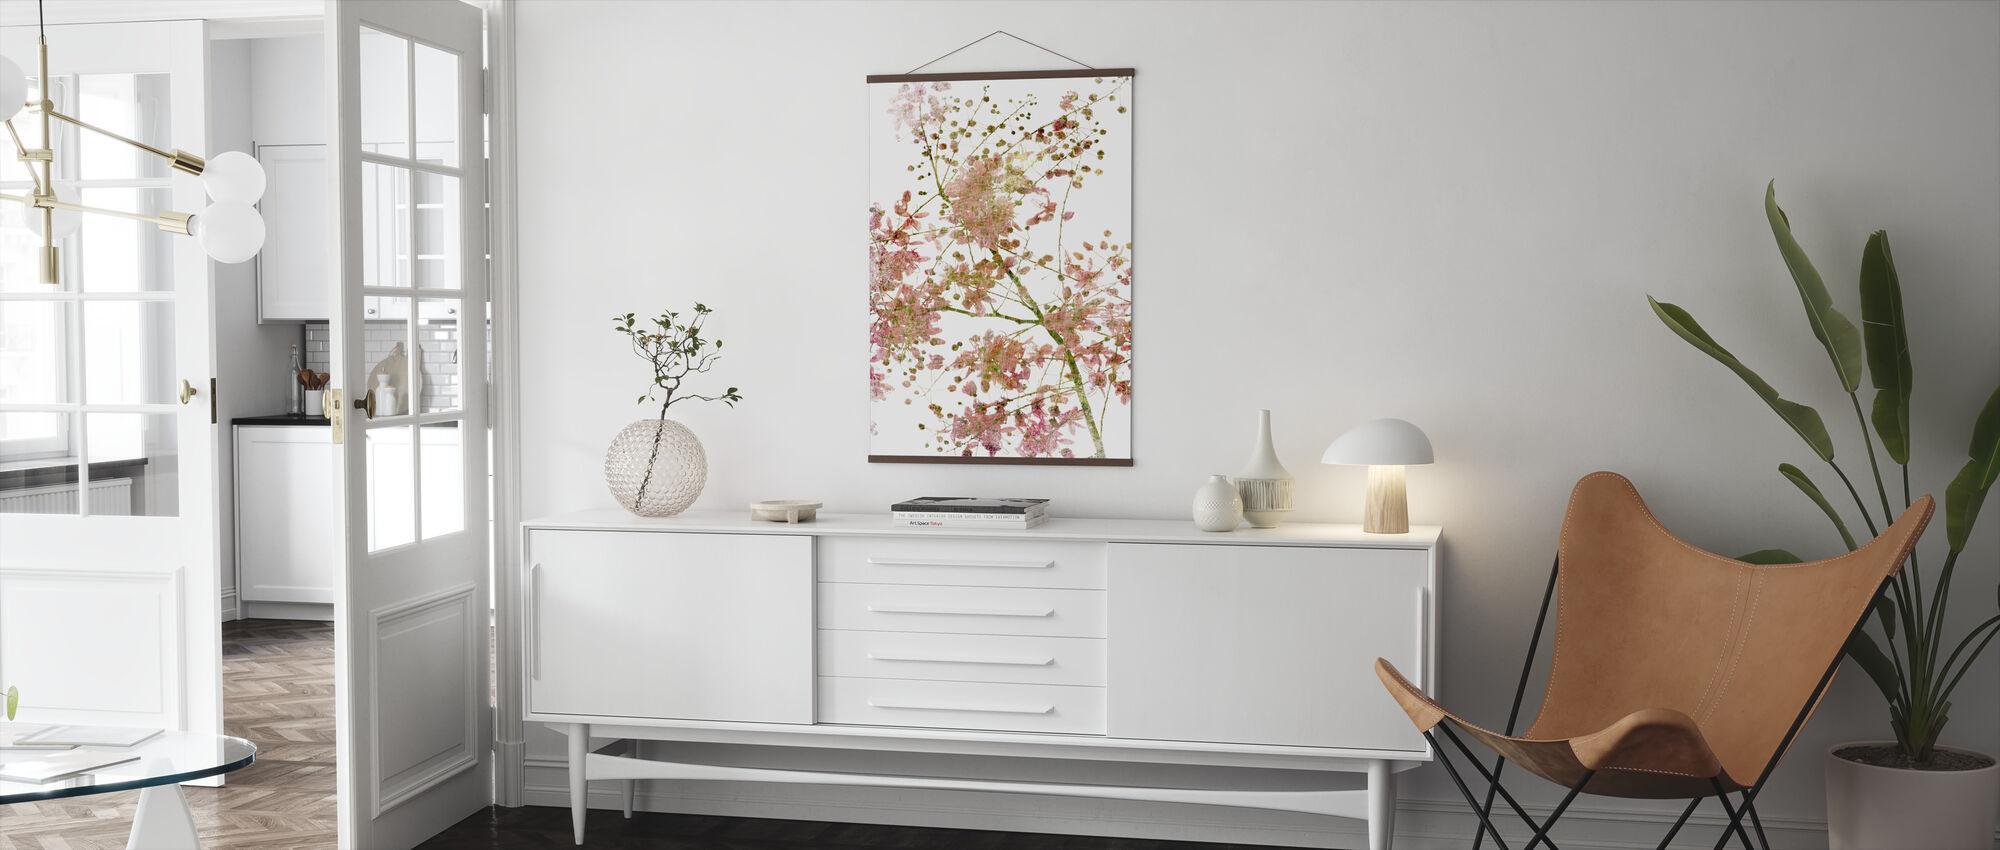 Rosa Blomma - Poster - Vardagsrum